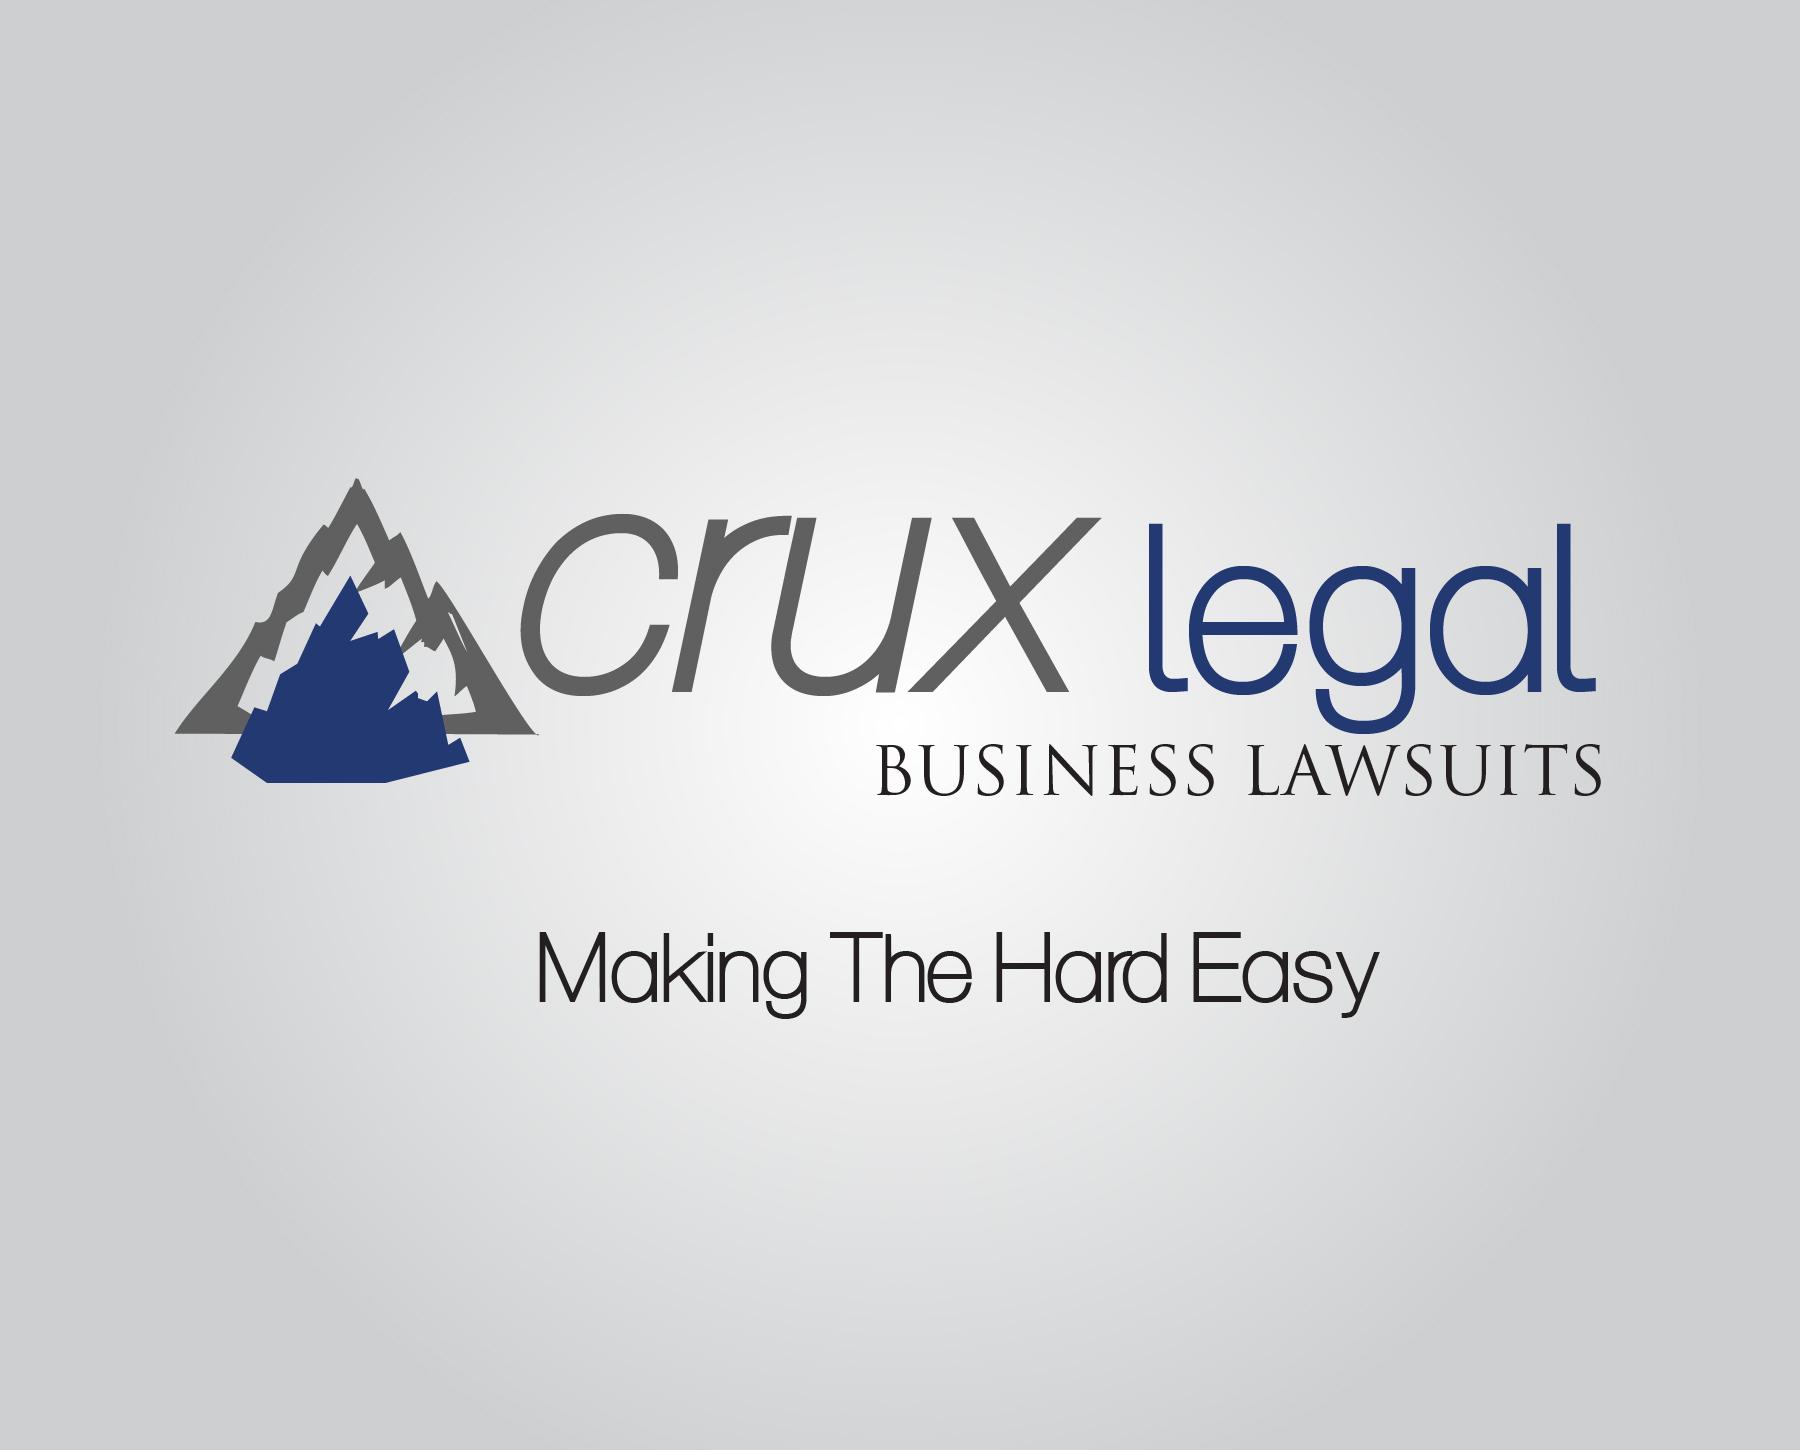 Crux Legal Business Lawsuits